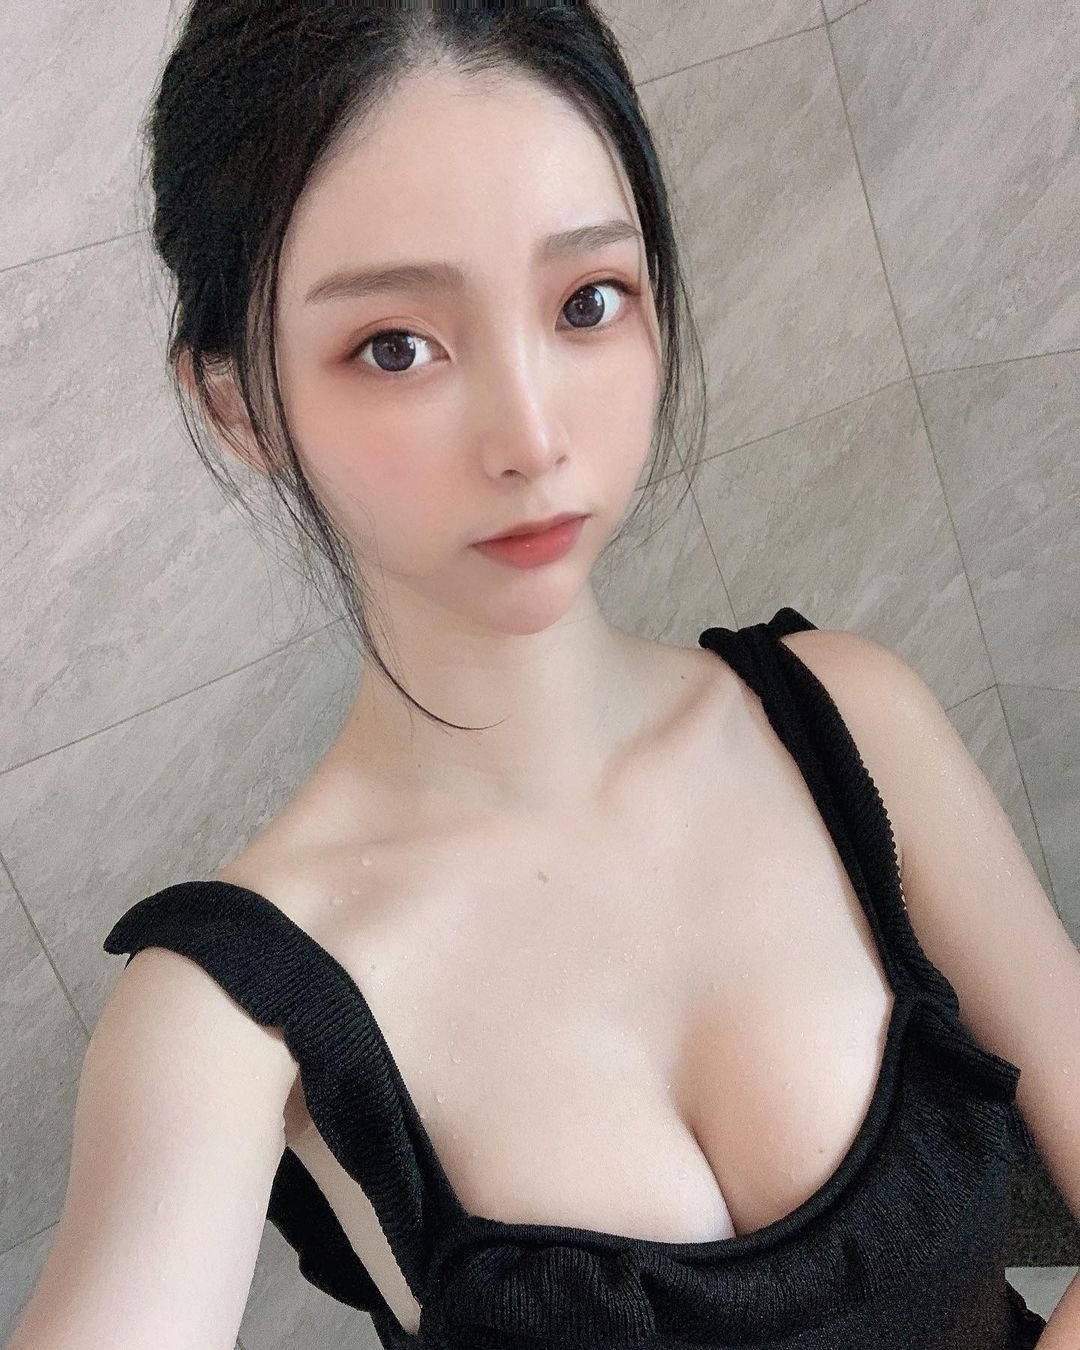 台北动物园出没超丰满清凉造型白皙吊带妹Lily 妹子图 热图2